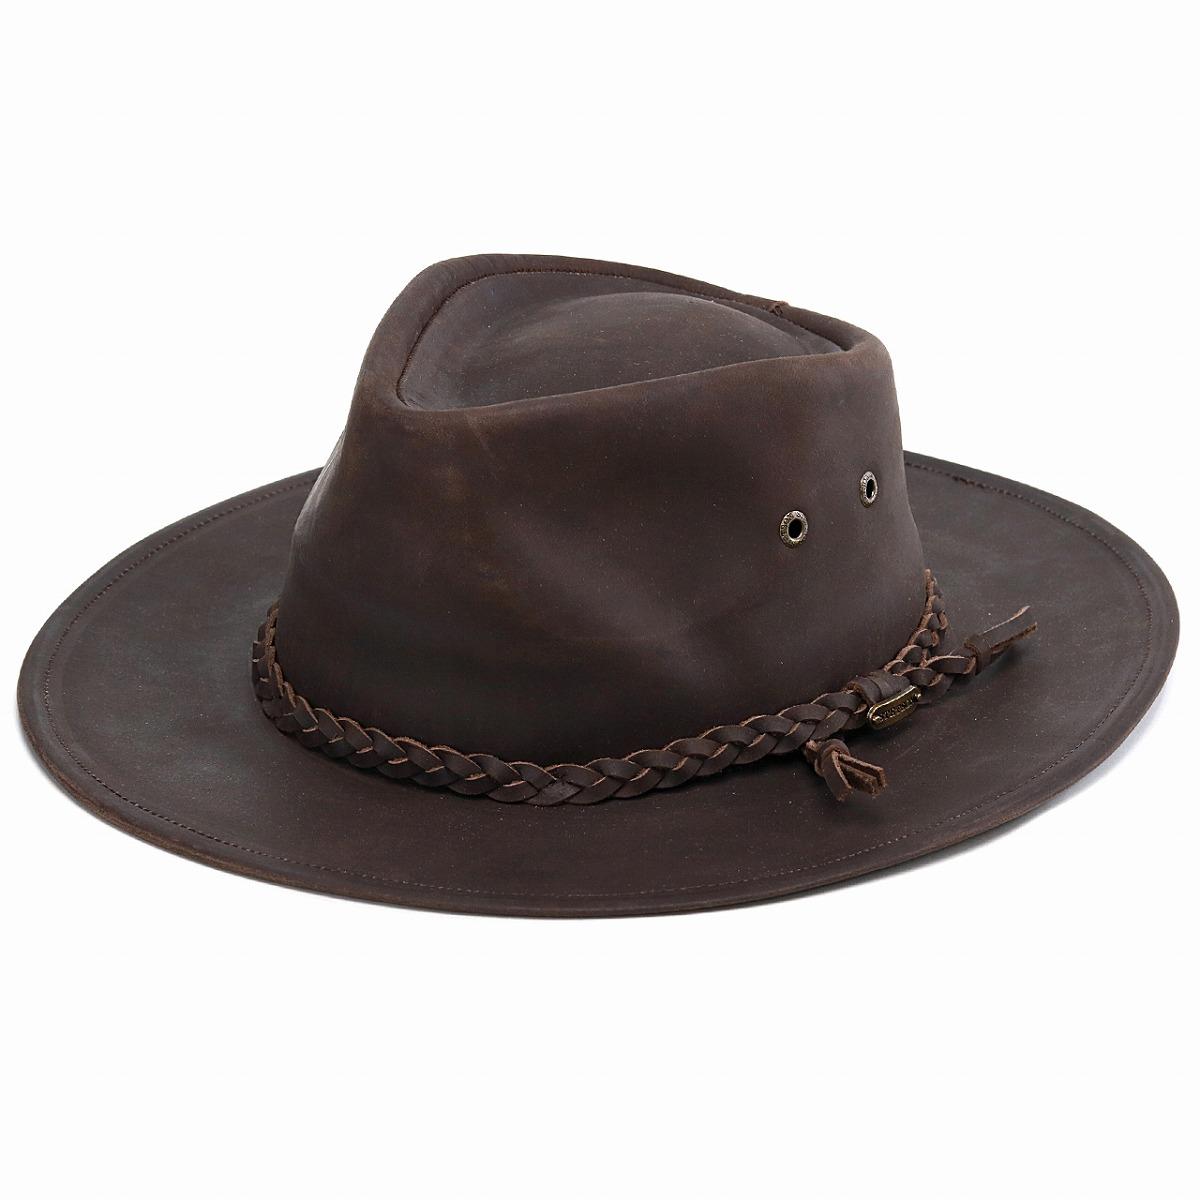 0fcdd27c24ec8 ELEHELM HAT STORE  stetson western hat STETSON soft cap men leather genuine leather  cowboy hat import Stetson vintage Shin pull tea brown  cowboy hat  ...